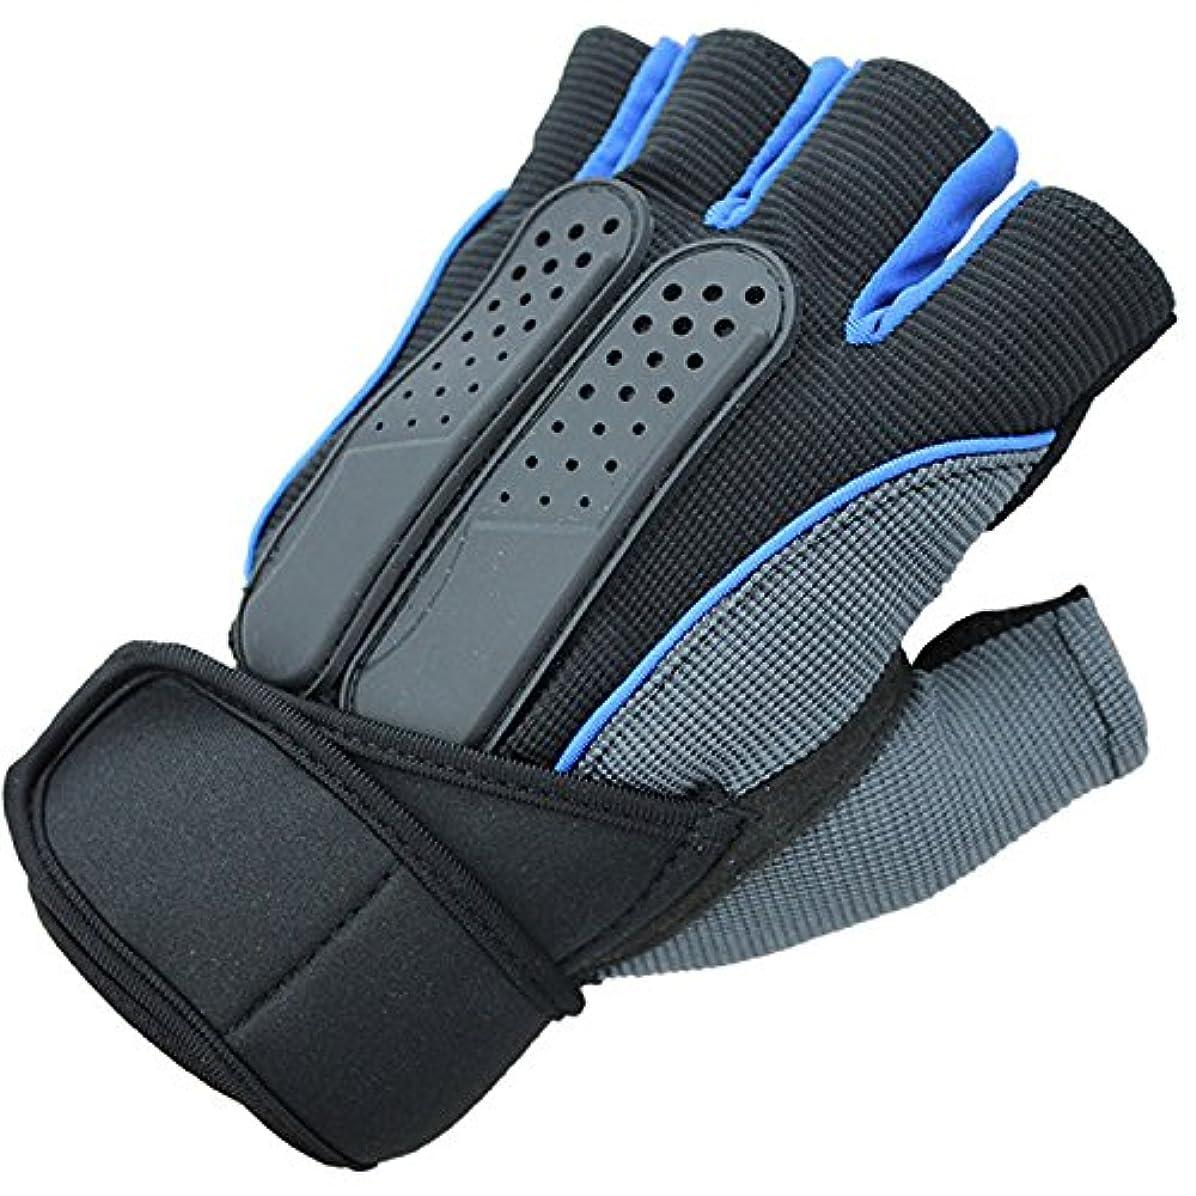 王子チャレンジロンドンTiandao トレーニンググローブ トレッキング ウォーキング サイクリンググローブ 手袋 指切り (Color : 01.Blue, Size : L)